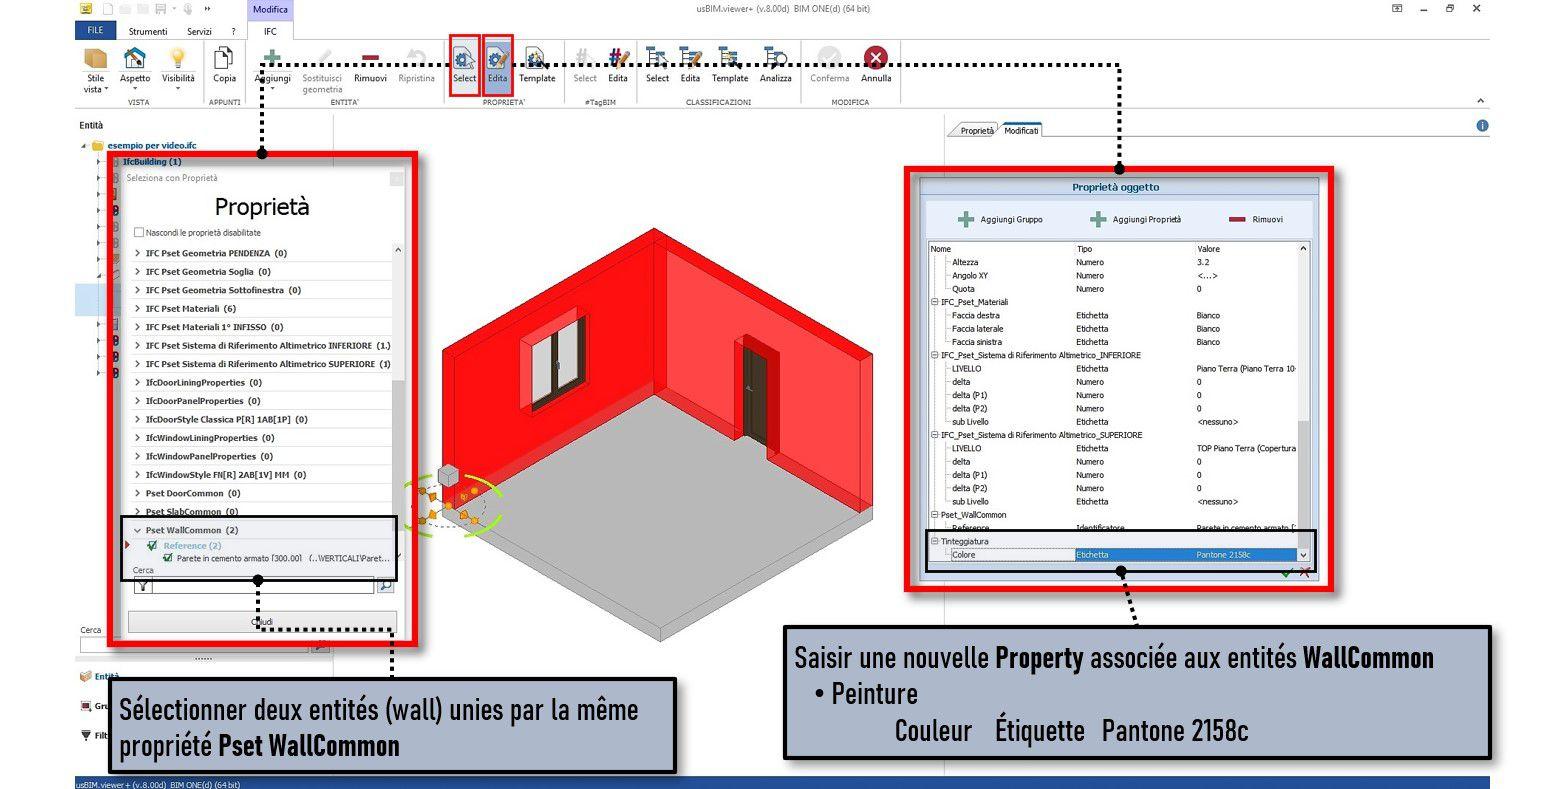 Une capture d'écran qui montre comment ajouter une propriété de IFCPropertyDefinition à un ensemble d'entités dans usBIM.viewer+